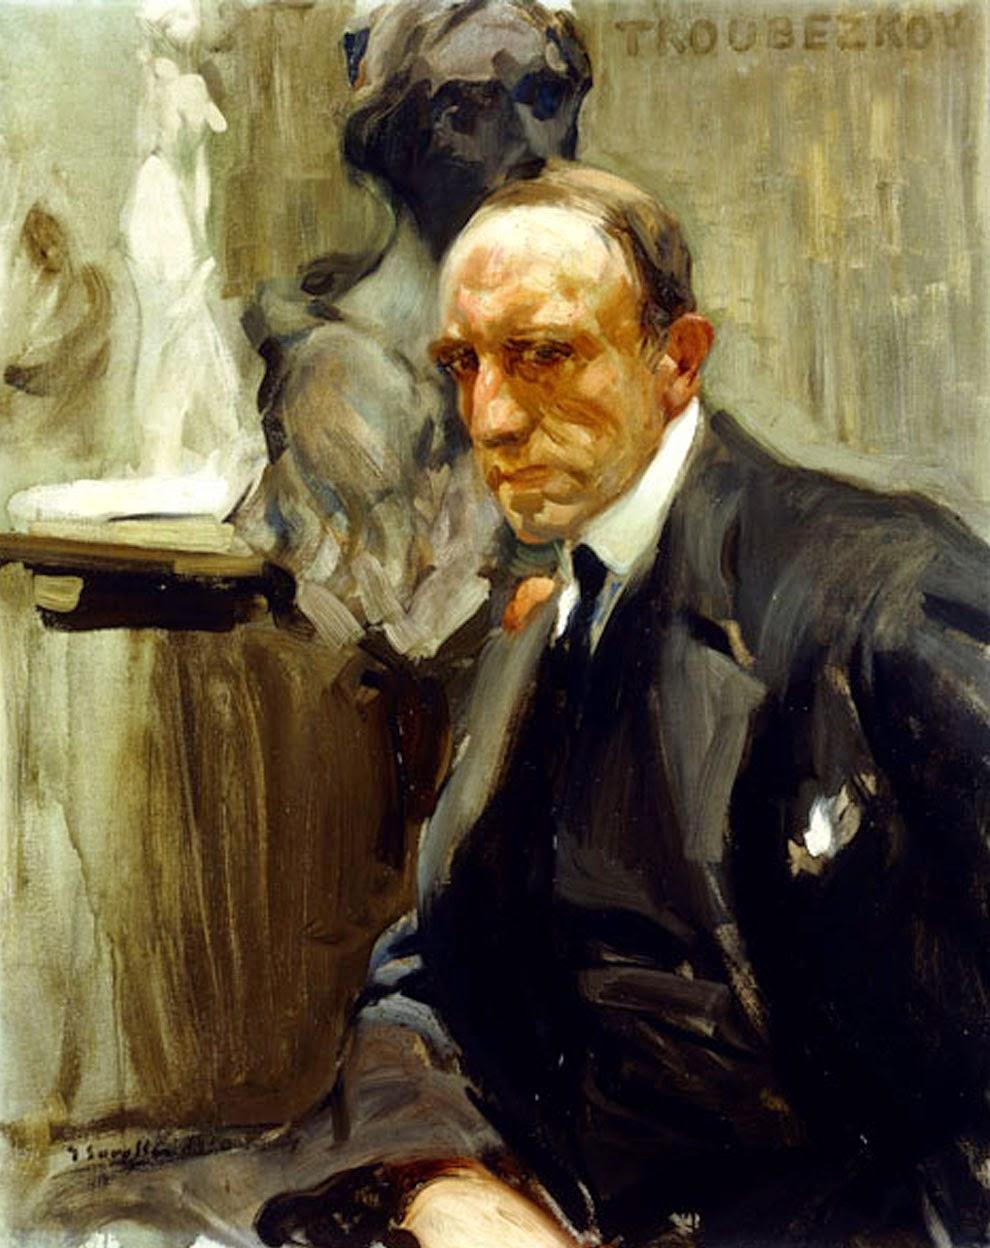 Retrato de Troubetzkoy Scowling, Retratos de Joaquín Sorolla, Pintor Vaslenciano, Joaquín Sorolla Bastida